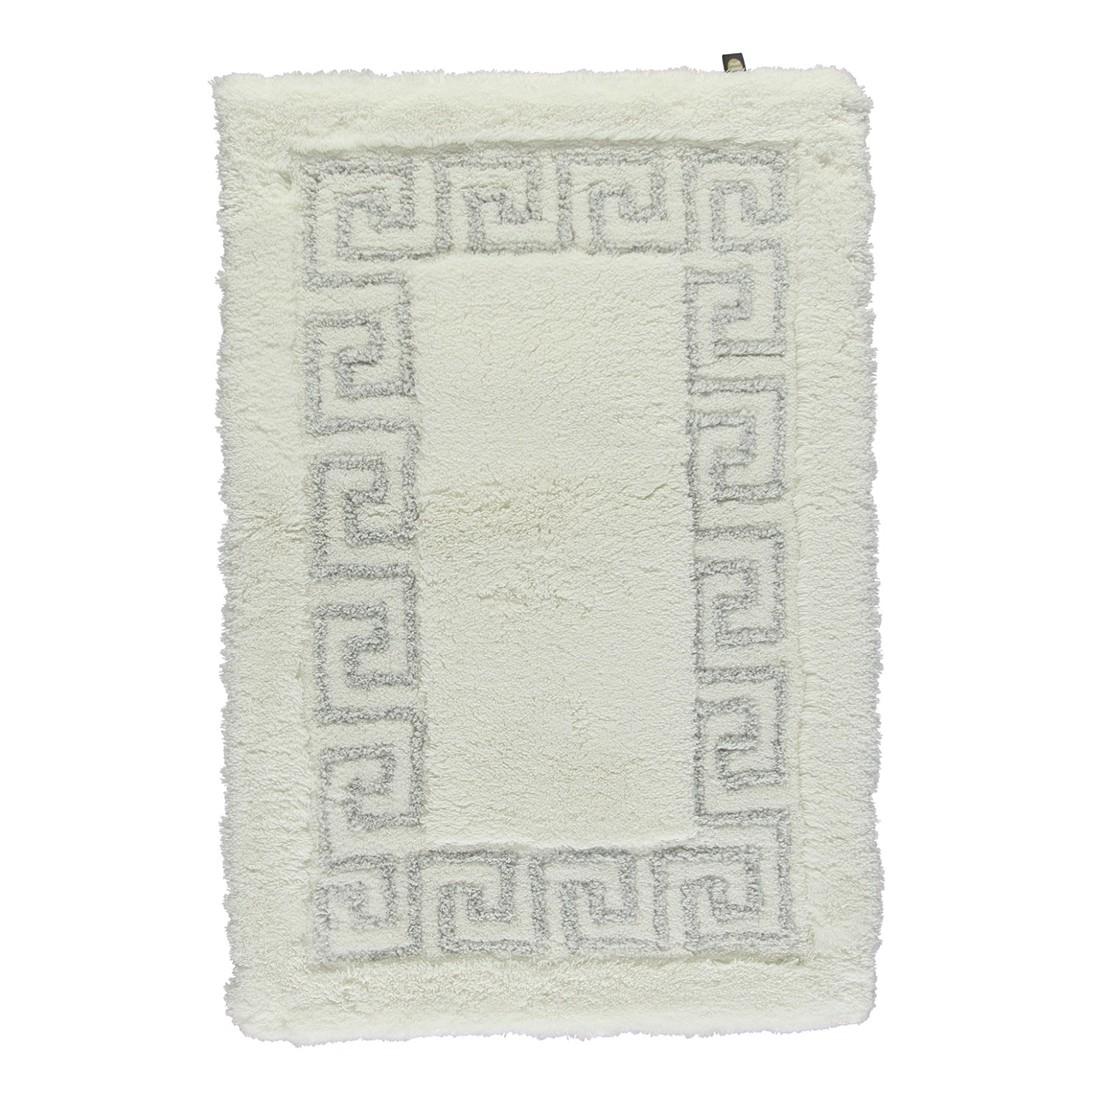 Badteppich Mäander – 100% Polyacryl Weiß/Weiß-Silberlurex – 1322 – Toilettenvorlage: 60 x 60 cm, Rhomtuft günstig bestellen